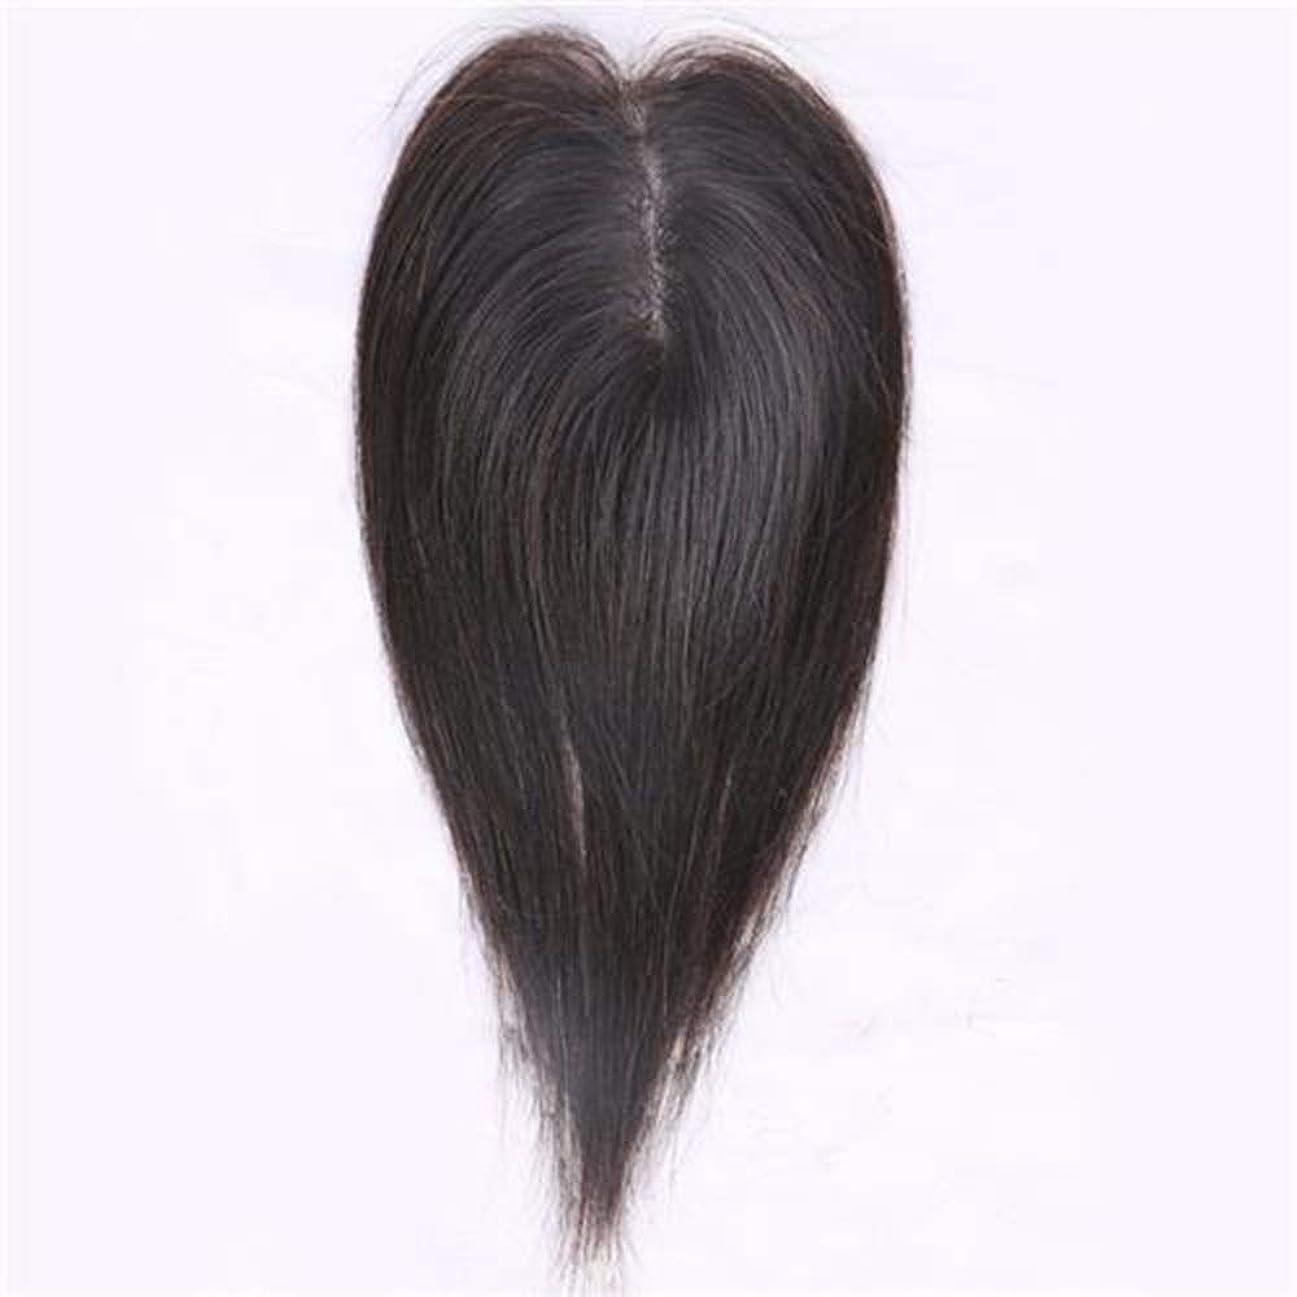 頭蓋骨待つ霧深いYrattary リアルヘアエクステンションのクリップストレートヘアの女性のための白い髪の薄い髪の一部ロールプレイングかつらキャップ (色 : Dark brown, サイズ : 25cm)